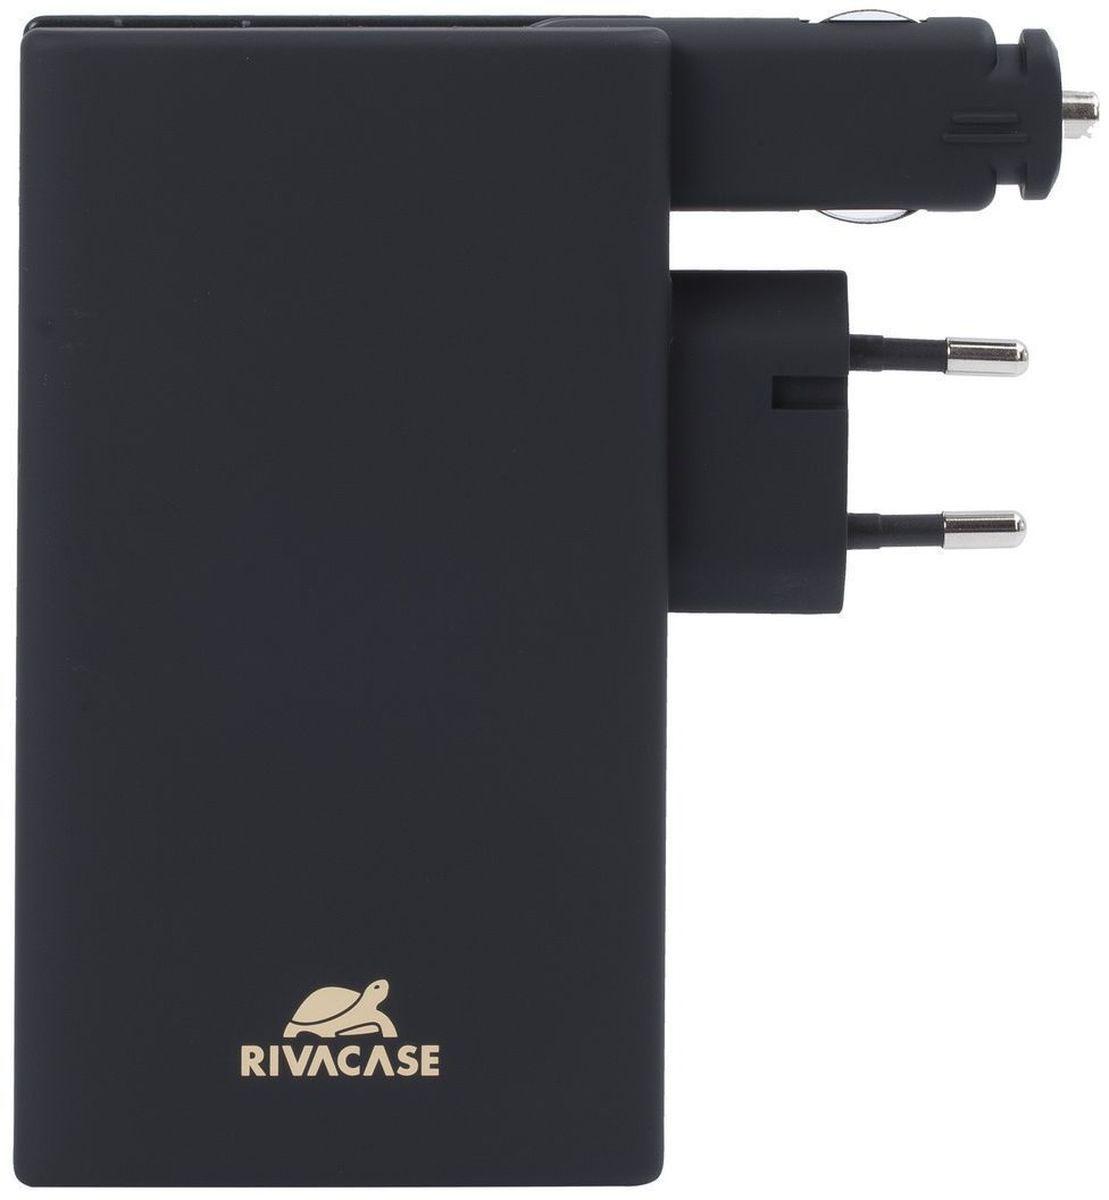 Rivapower VA4749, Black внешний аккумулятор (5000 мАч)VA 4749Rivapower VA4749- это литий-полимерный аккумулятор. Совместим с большинством популярных моделей смартфонов и планшетов, включая iPhone 5/6 и iPad 3. Для зарядки устройств Apple необходимо наличие оригинального кабеля Apple Lightning.Имеет защиту от перегрузок, короткого замыкания, чрезмерного заряда и разряда. Имеется функция автоматического включения/выключения. Достаточно подключить кабель к micro-USB разъему мобильного устройства, и он уже заряжается.Для проверки уровня заряда встряхните аккумулятор. 4 светодиодных индикатора покажут оставшийся уровень заряда. Нажмите кнопку на задней стороне устройства, чтобы освободить вилку. По завершении зарядки снова нажмите кнопку, чтобы убрать вилку внутрь устройства. Для зарядки устройства в автомобиле разверните автомобильный штекер и вставьте его в прикуриватель. Не используйте оба зарядных разъема одновременно.